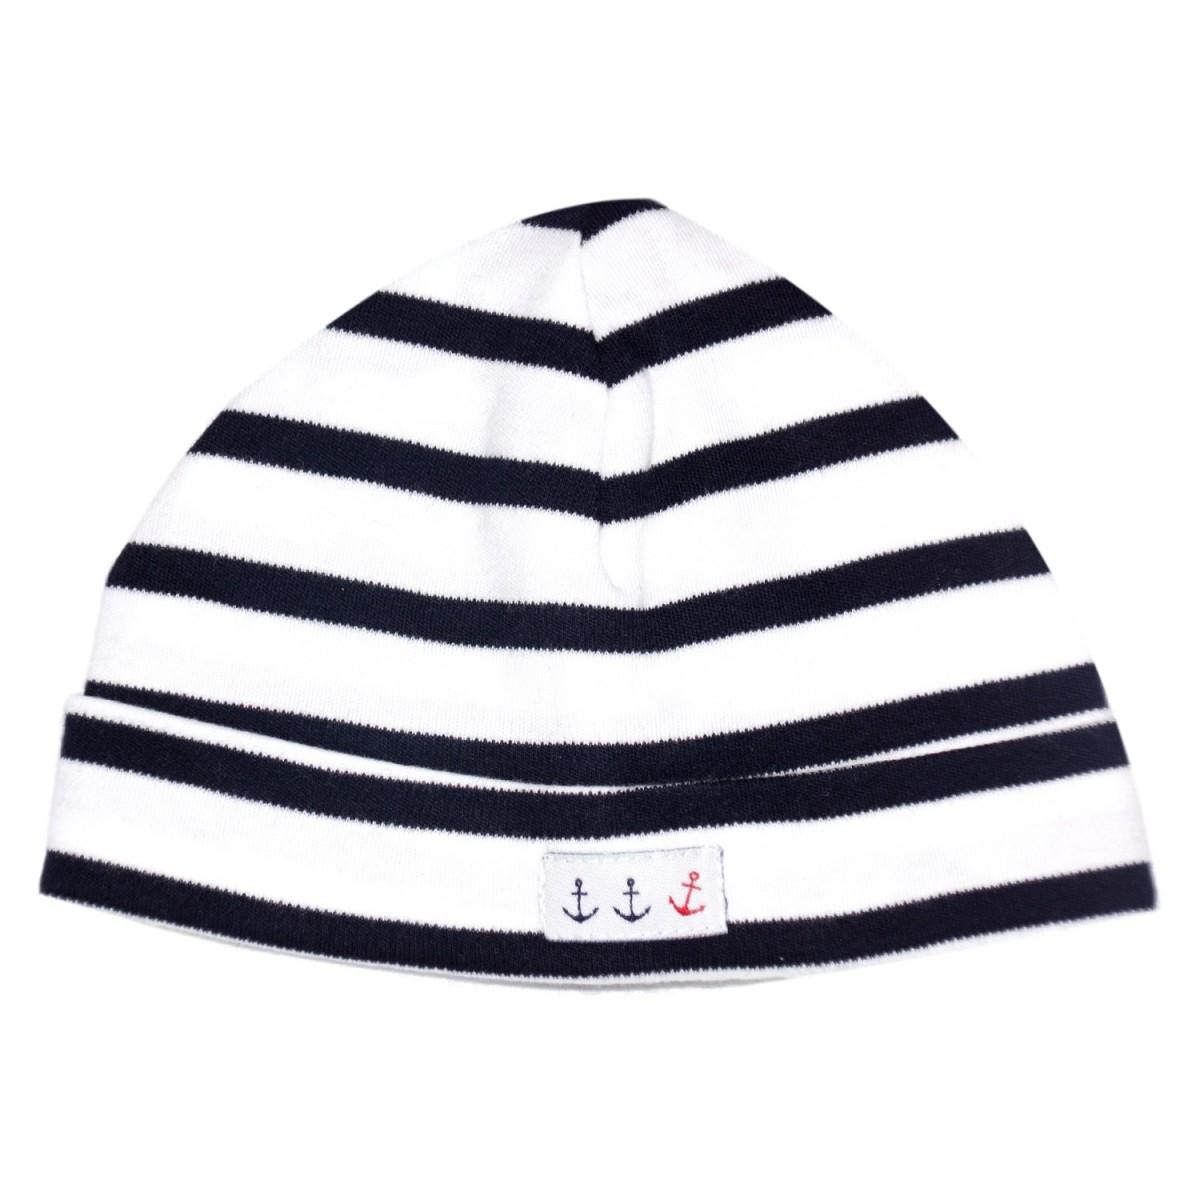 Bonnet Rayé Coton Enfant   Augustin vêtement marin 84346aaf343